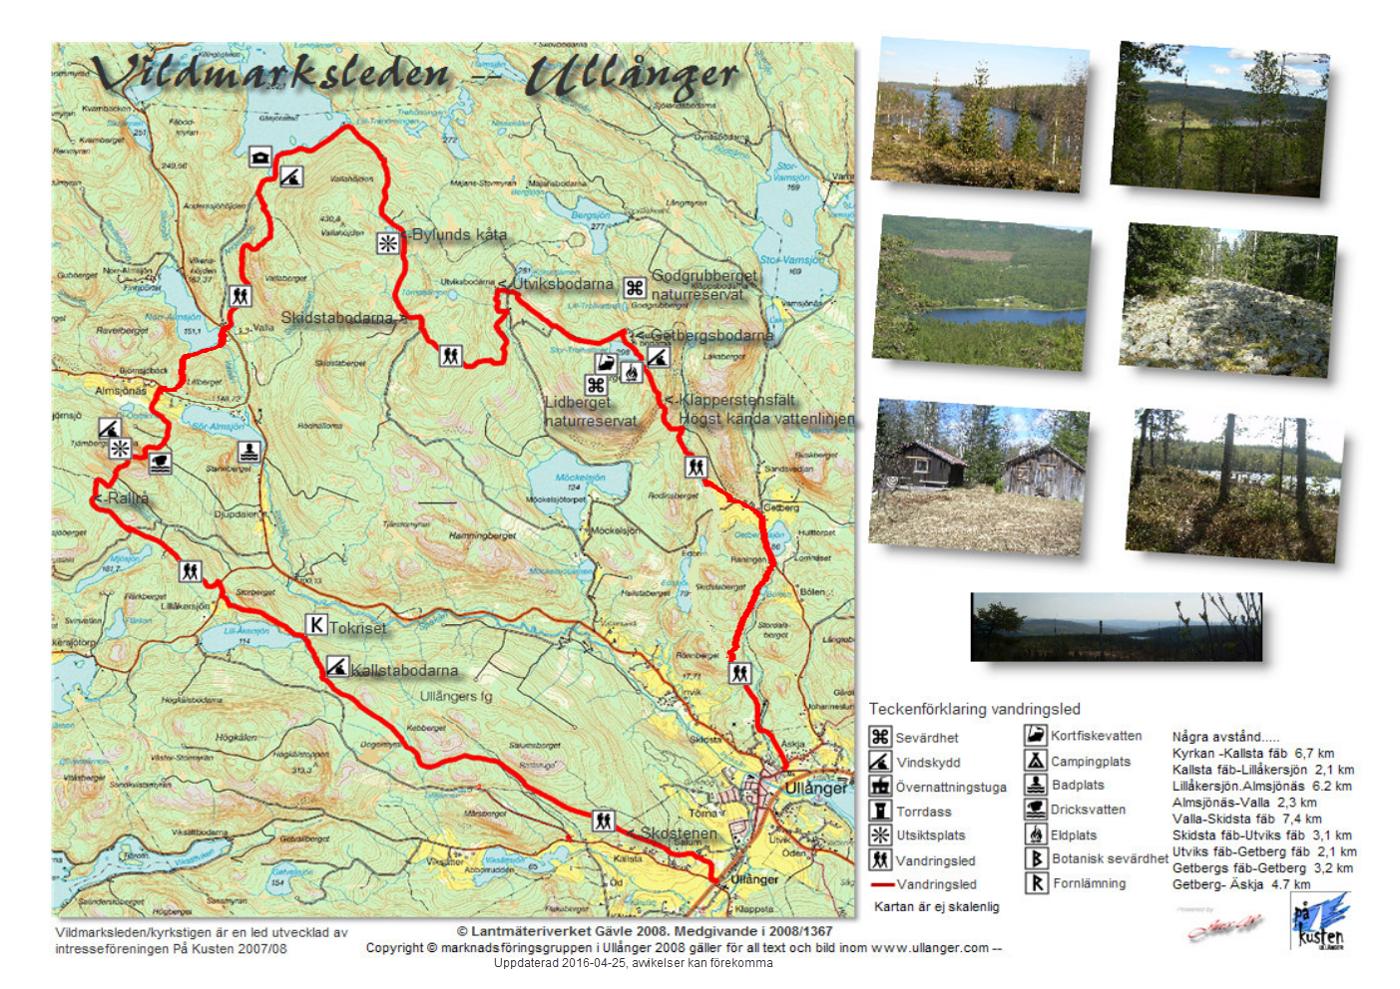 karta ullånger Karta över Vildmarksleden. | Ullånger karta ullånger